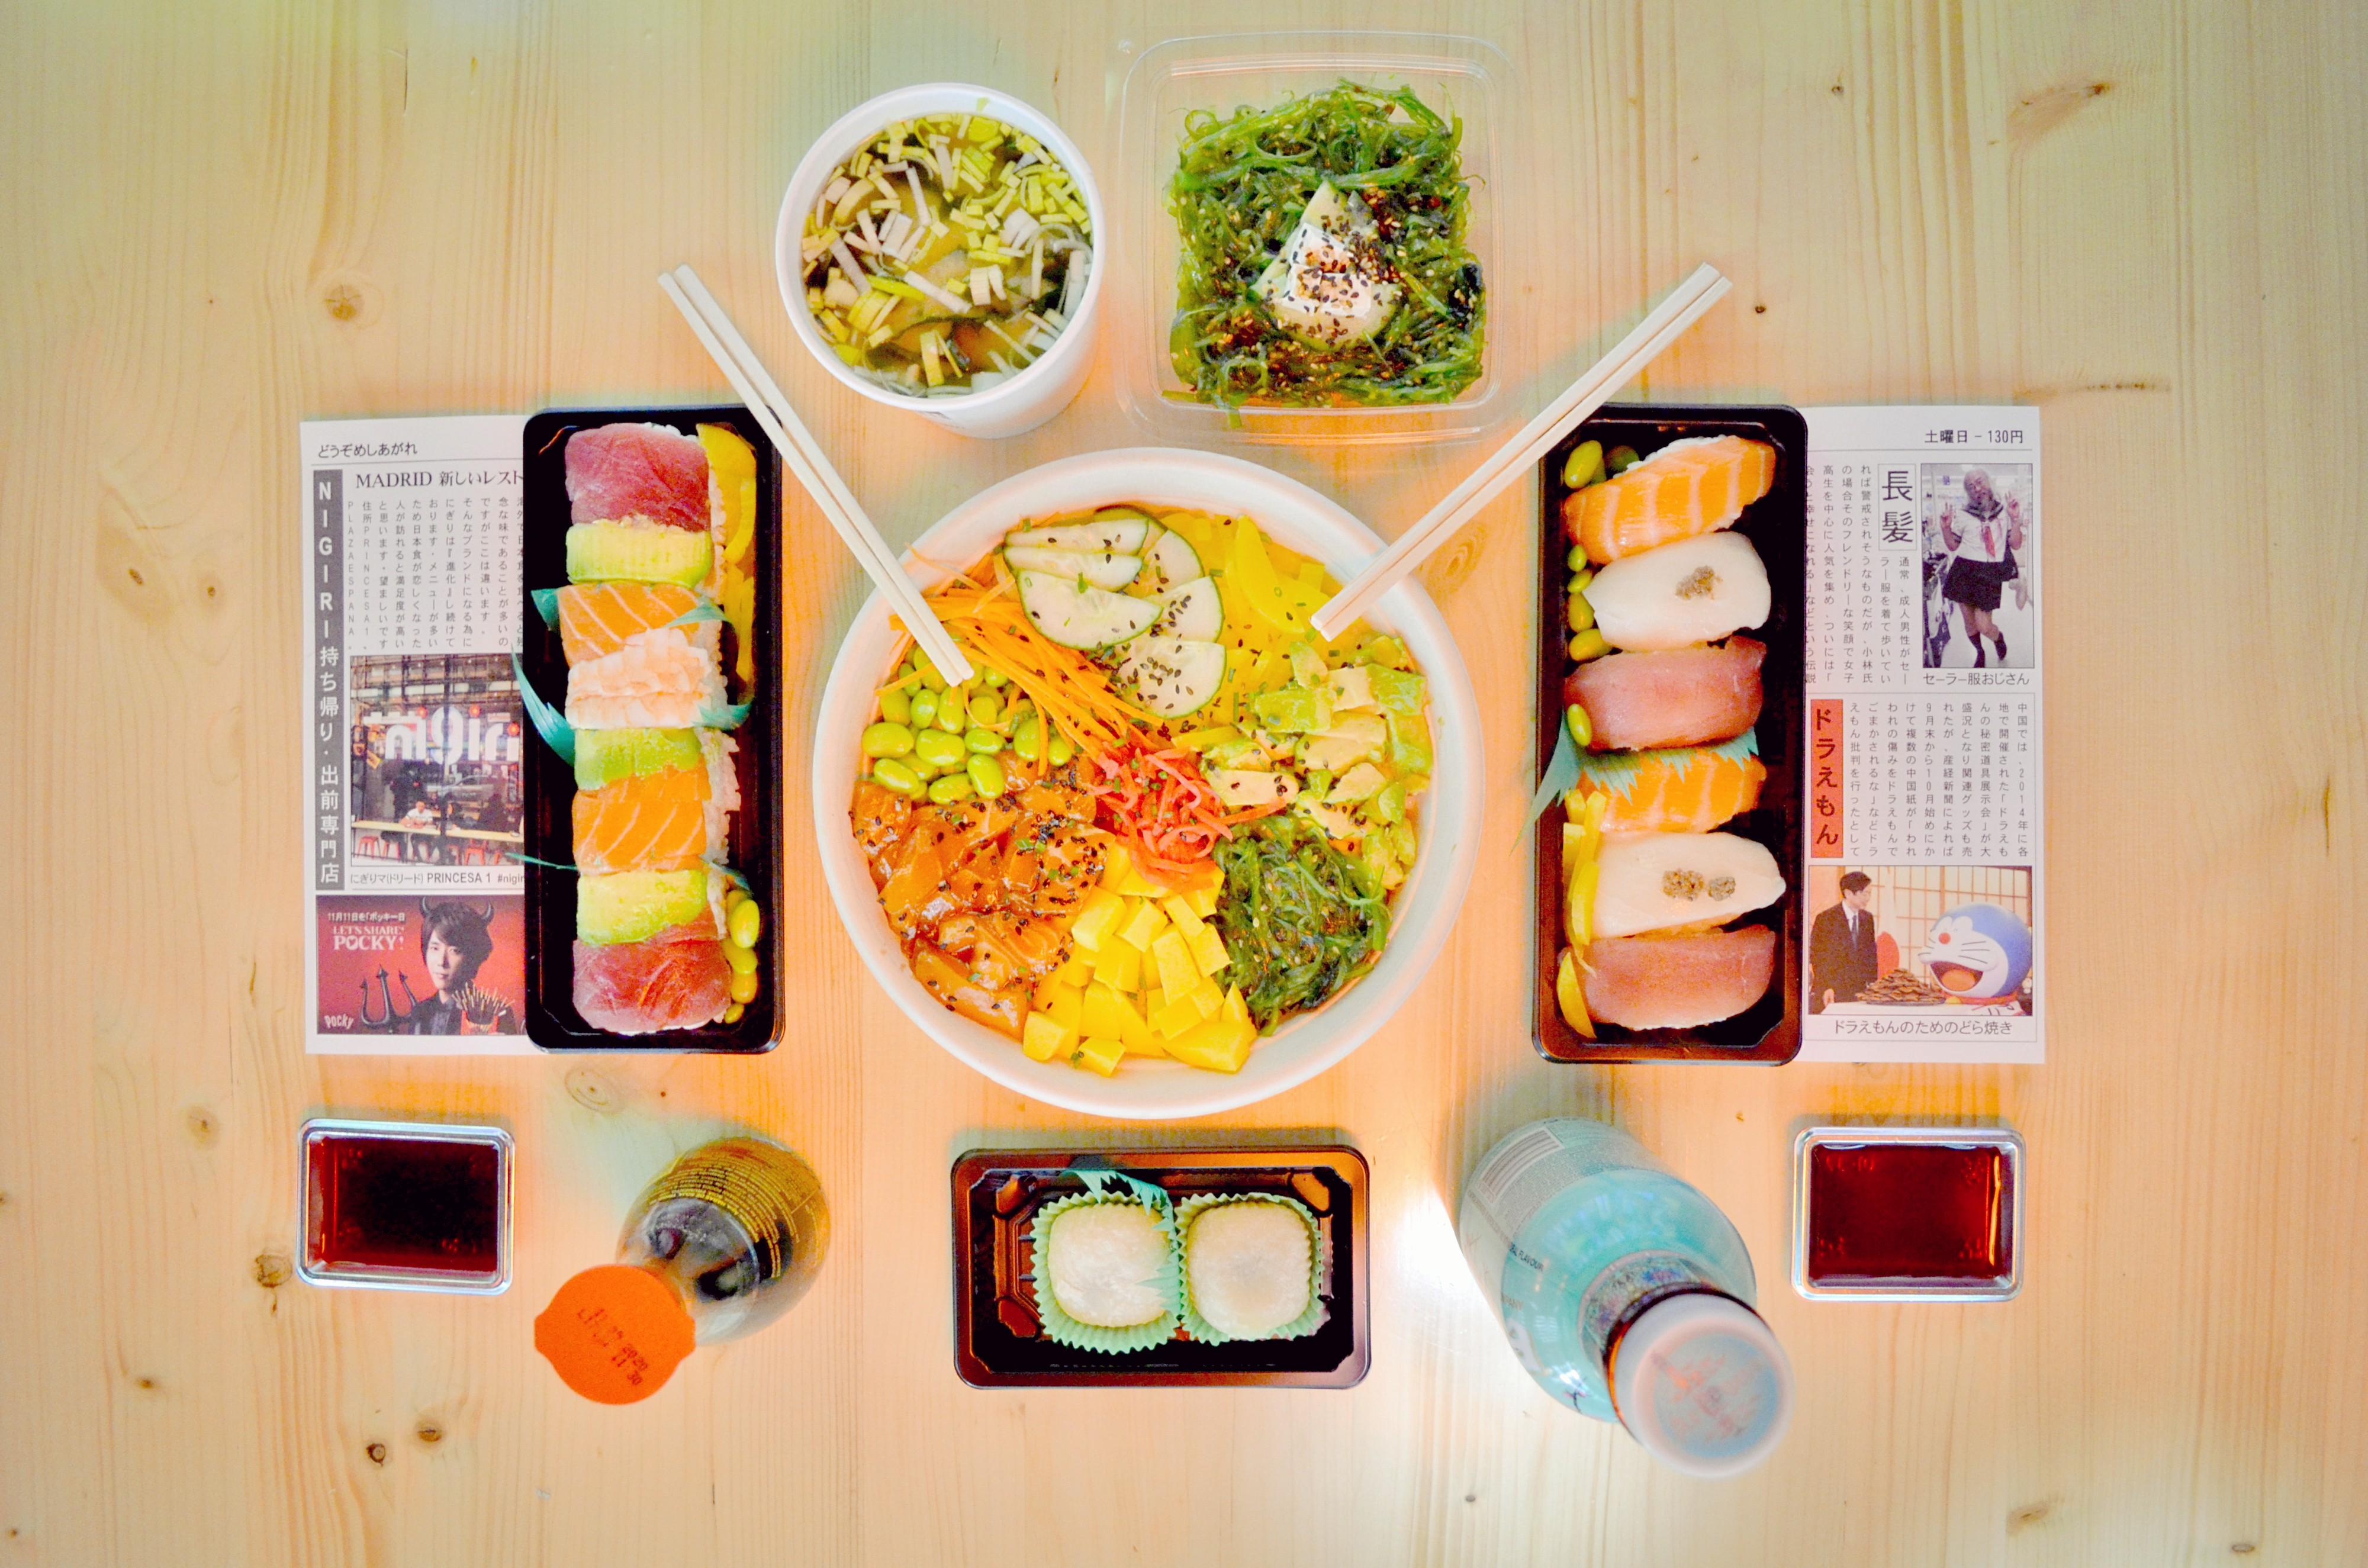 Blog-de-moda-mejores-restaurantes-de-sushi-de-madrid-ChicAdicta-nigiri-Chic-Adicta-influencer-gastro-blogger-PiensaenChic-Piensa-en-Chic